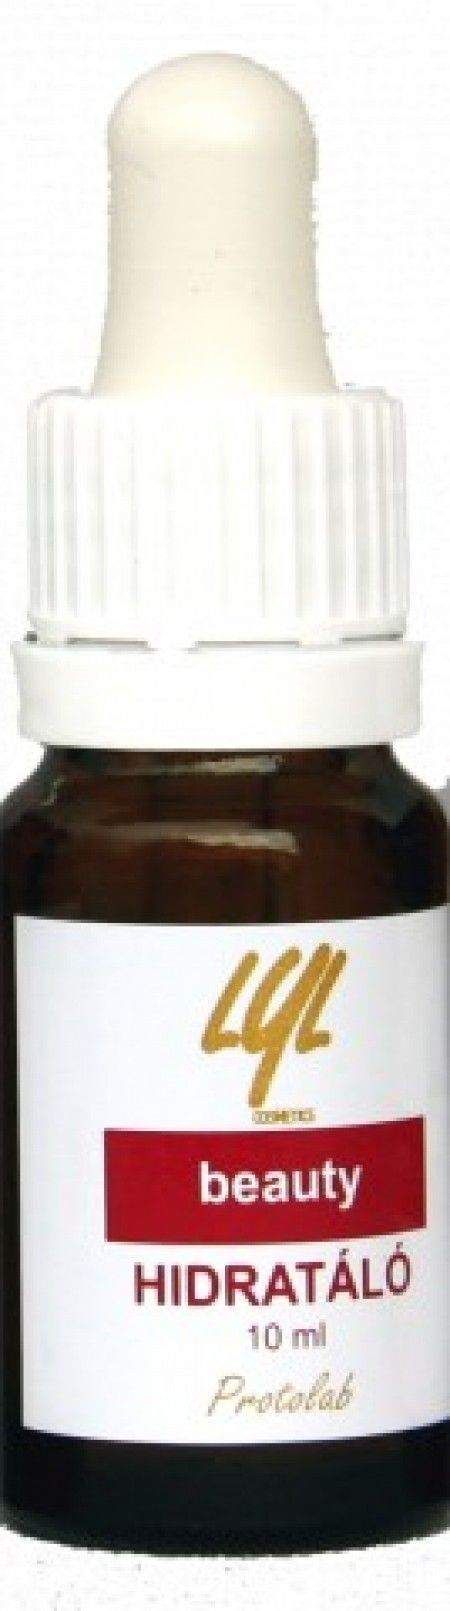 Lyl Hidratáló-beauty ampulla (10ml) - Protolab -  - Lyl Fitotéka - Protolab Kft.